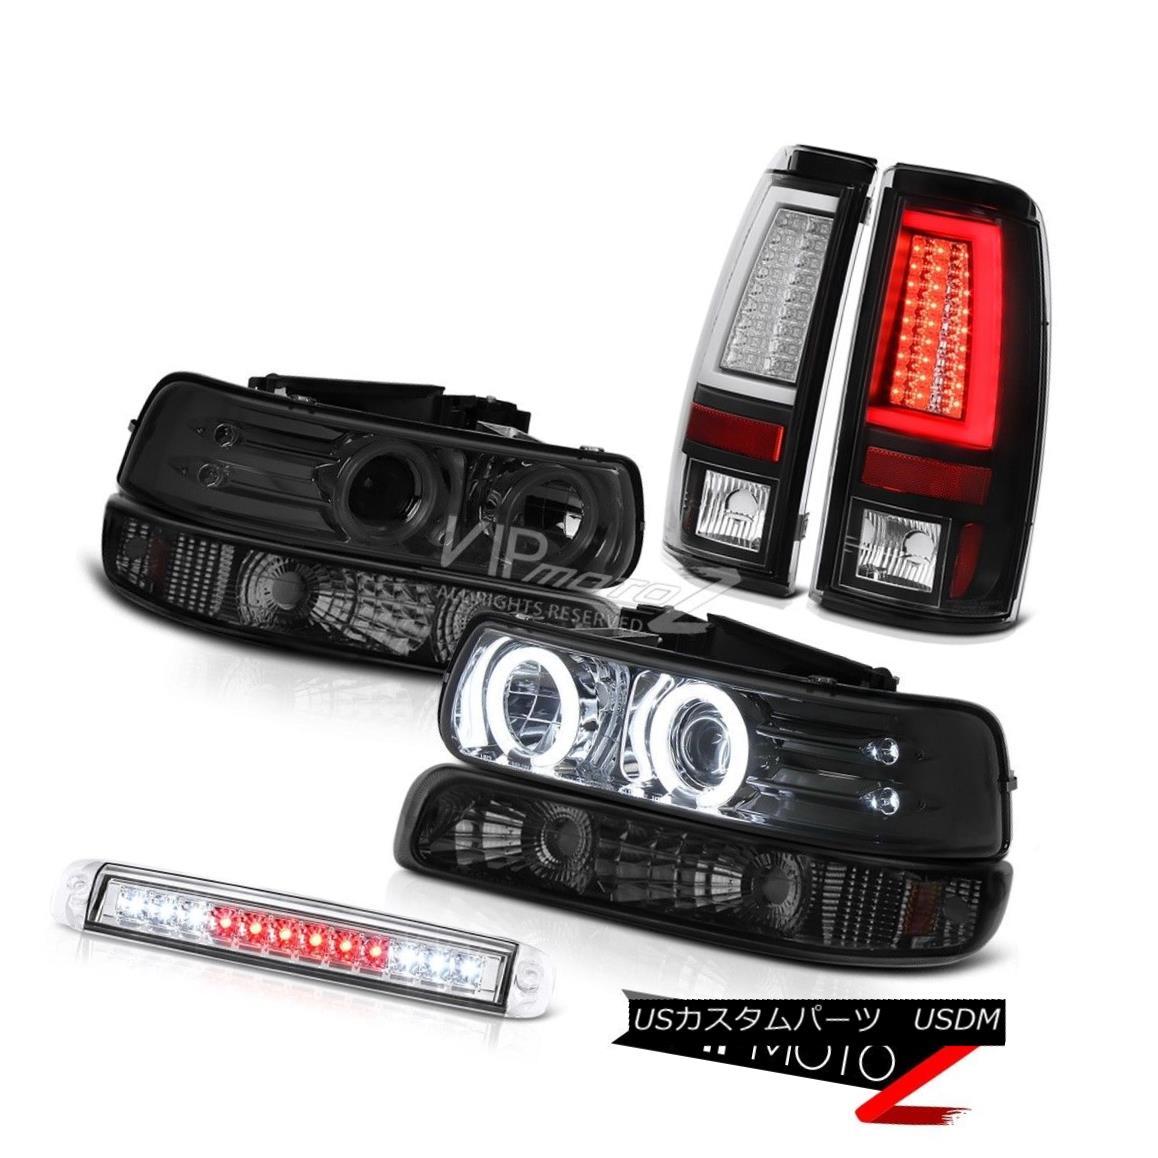 ヘッドライト 1999-2002 Silverado 4.3L Taillights High Stop Light Bumper Projector Headlights 1999-2002 Silverado 4.3L灯台ハイストップライトバンパープロジェクターヘッドライト